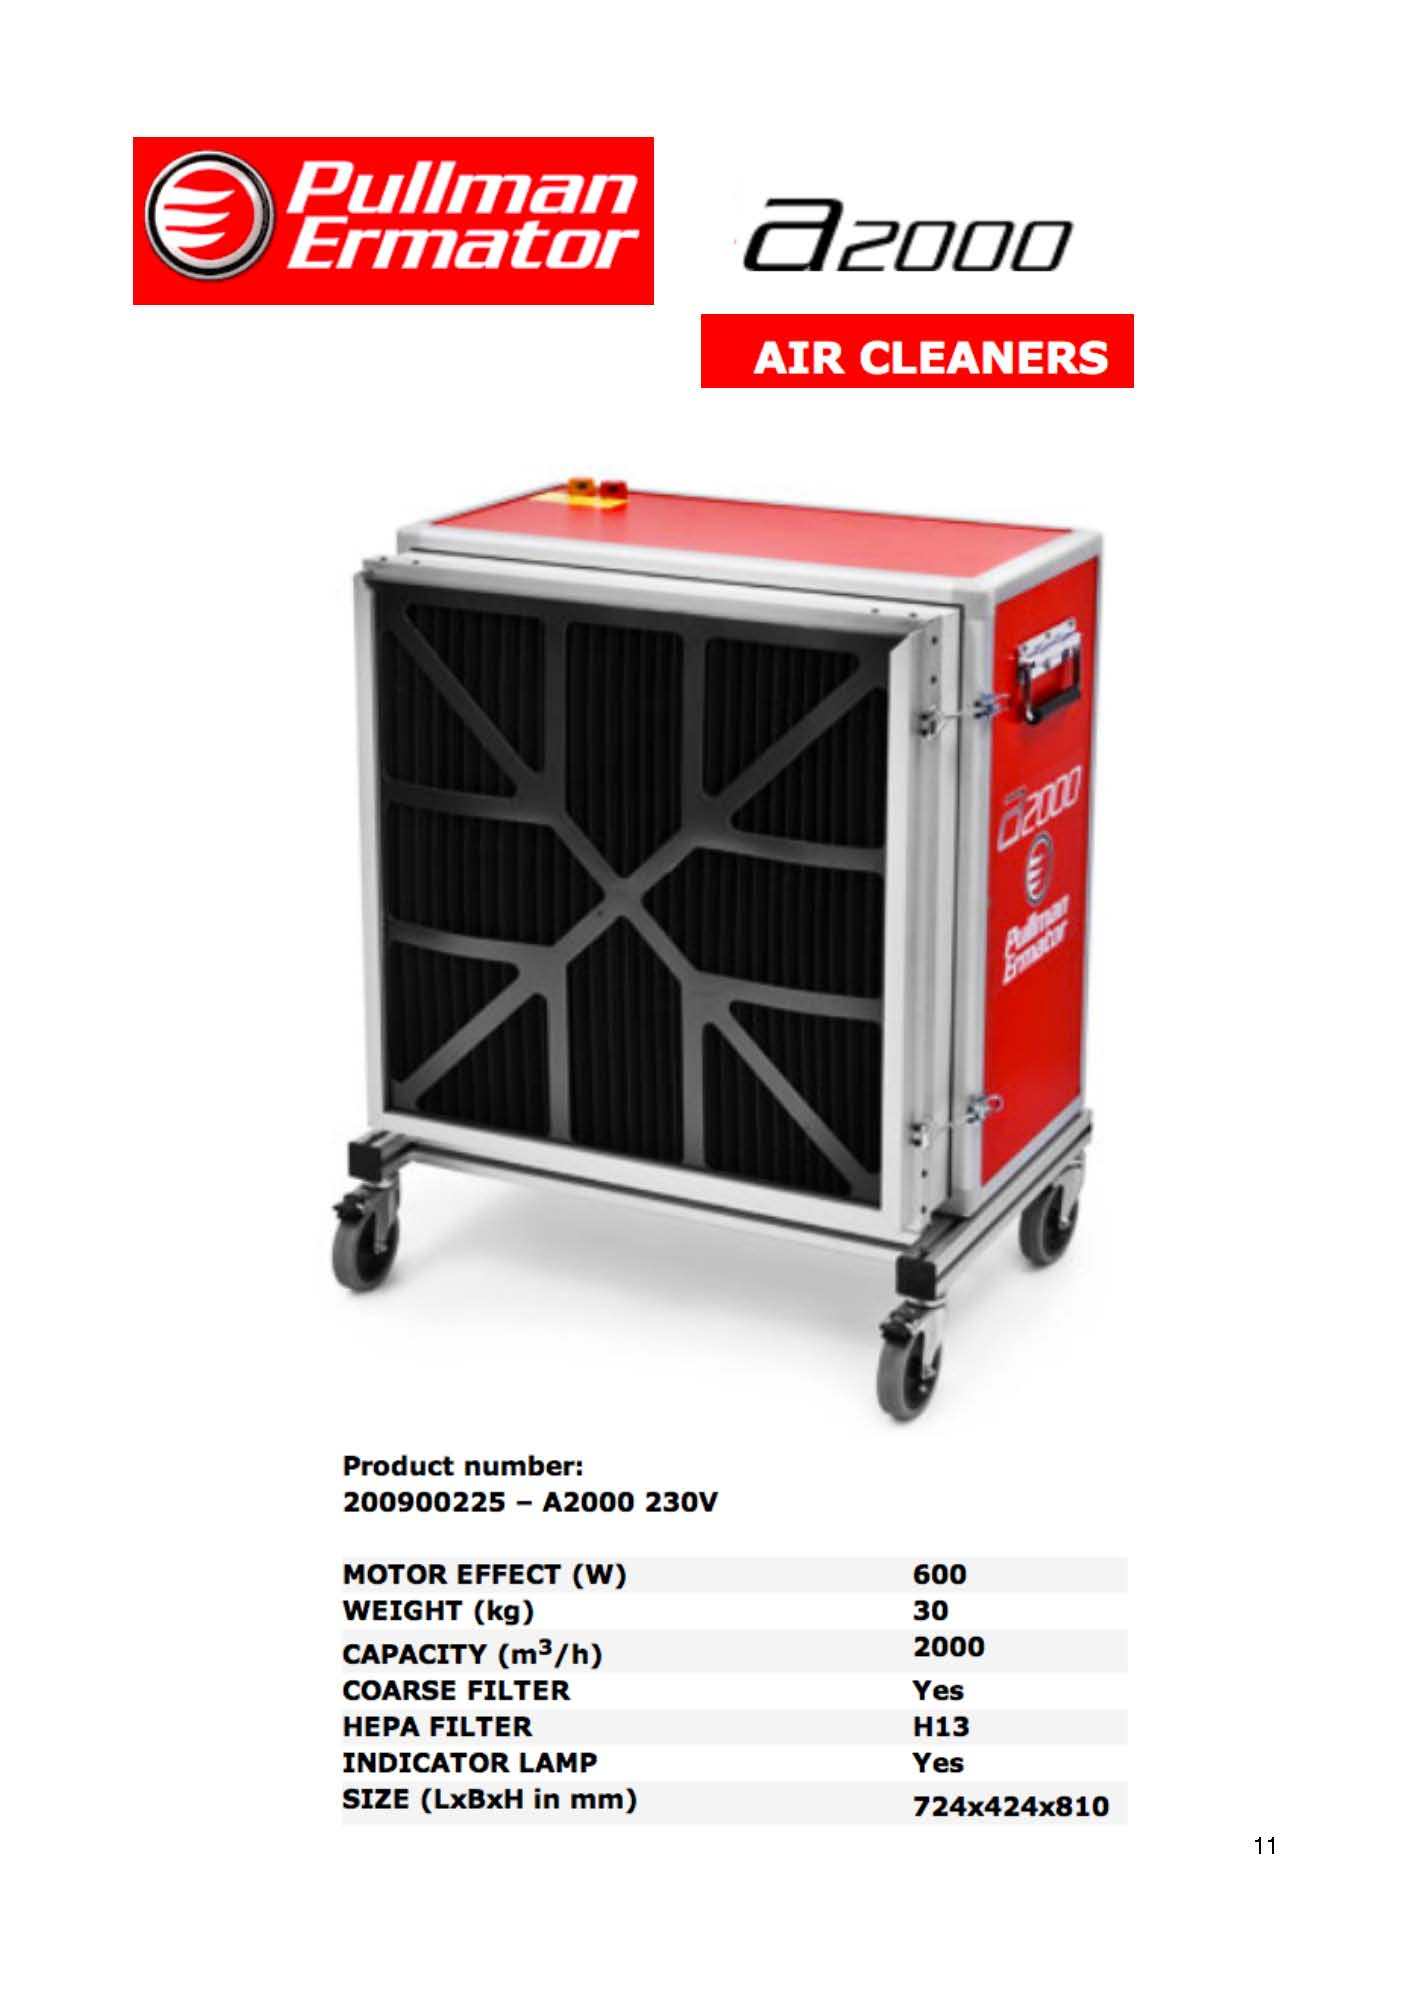 Ermator A2000 HEPA Dust Extractor